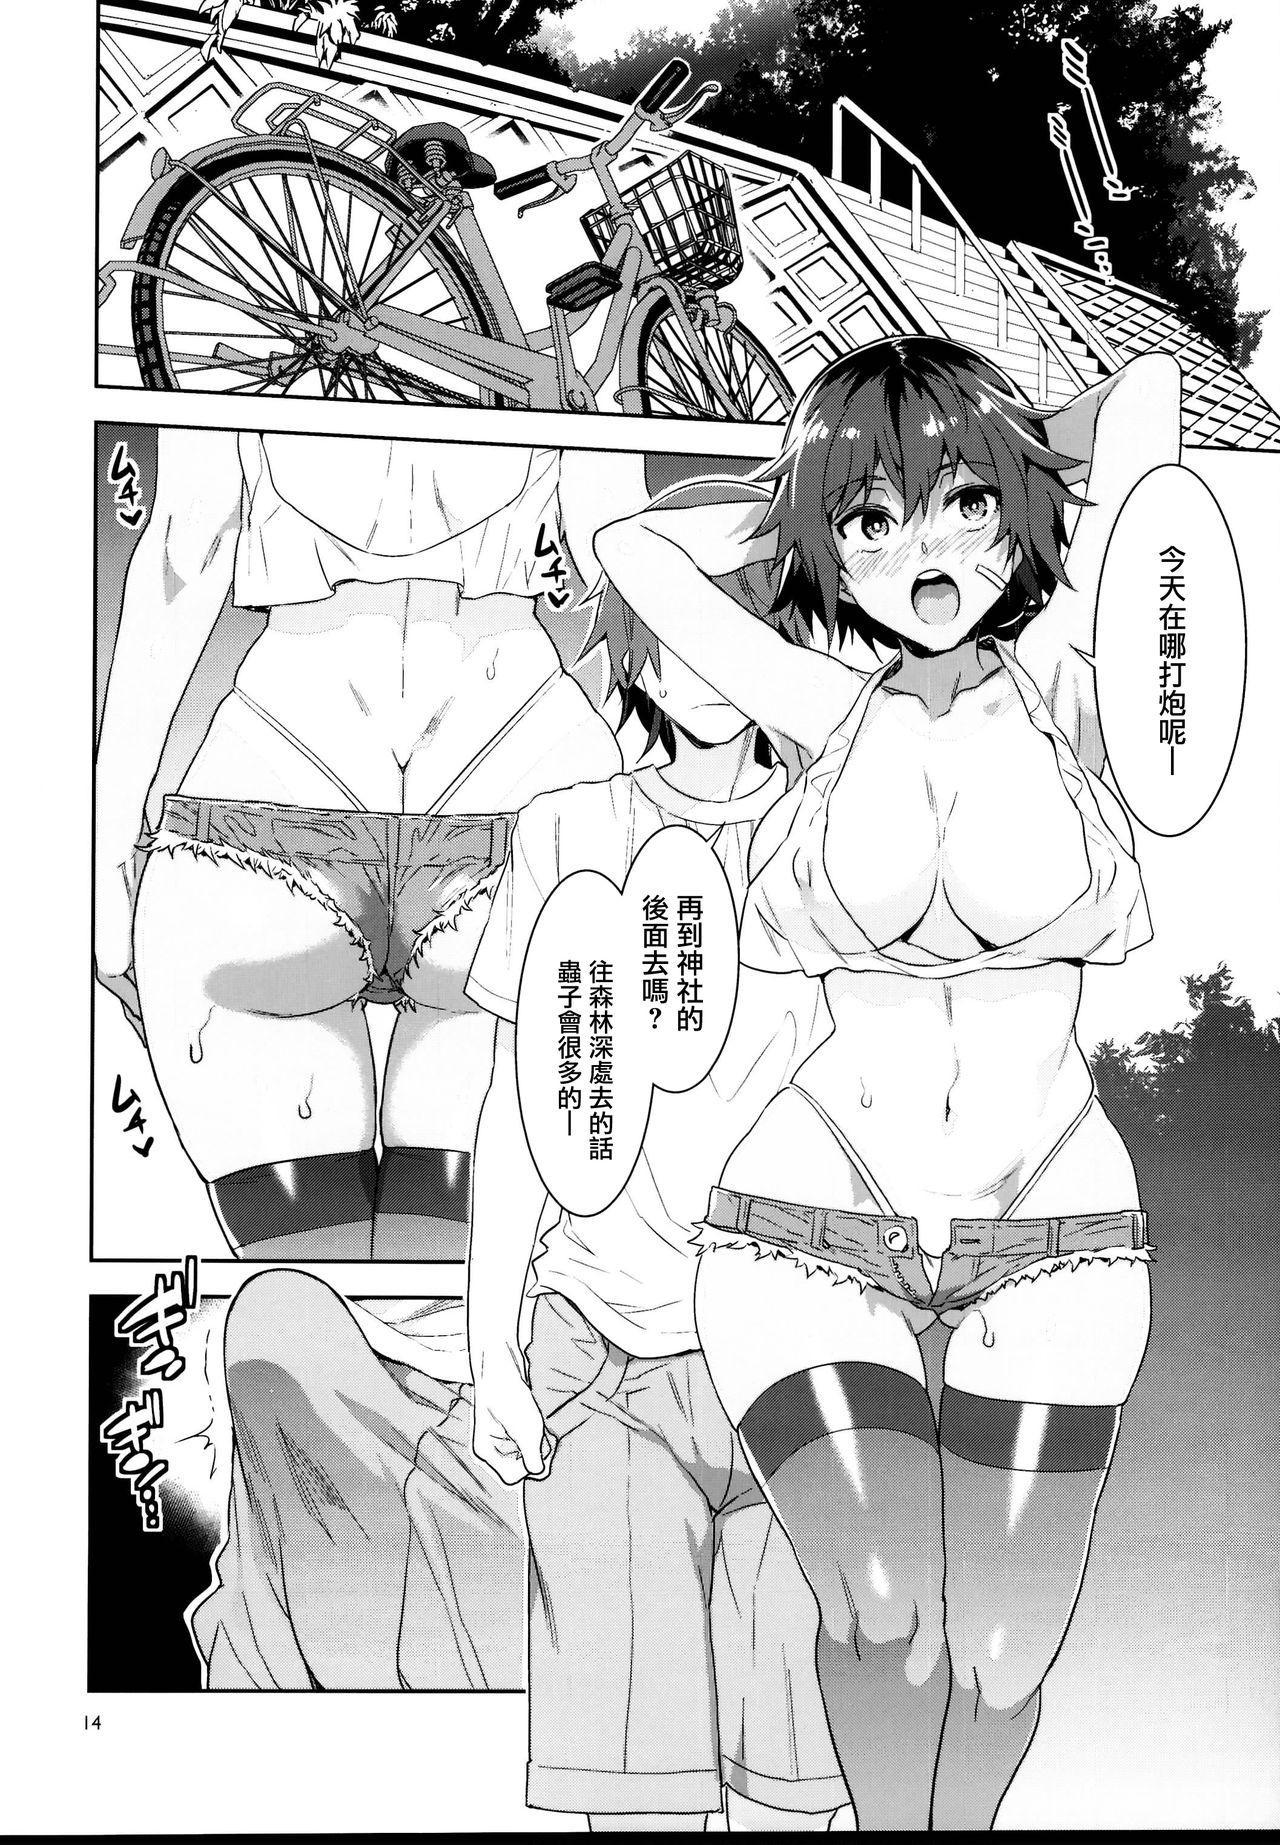 Teisou Kannen Zero no Onna Tomodachi 13